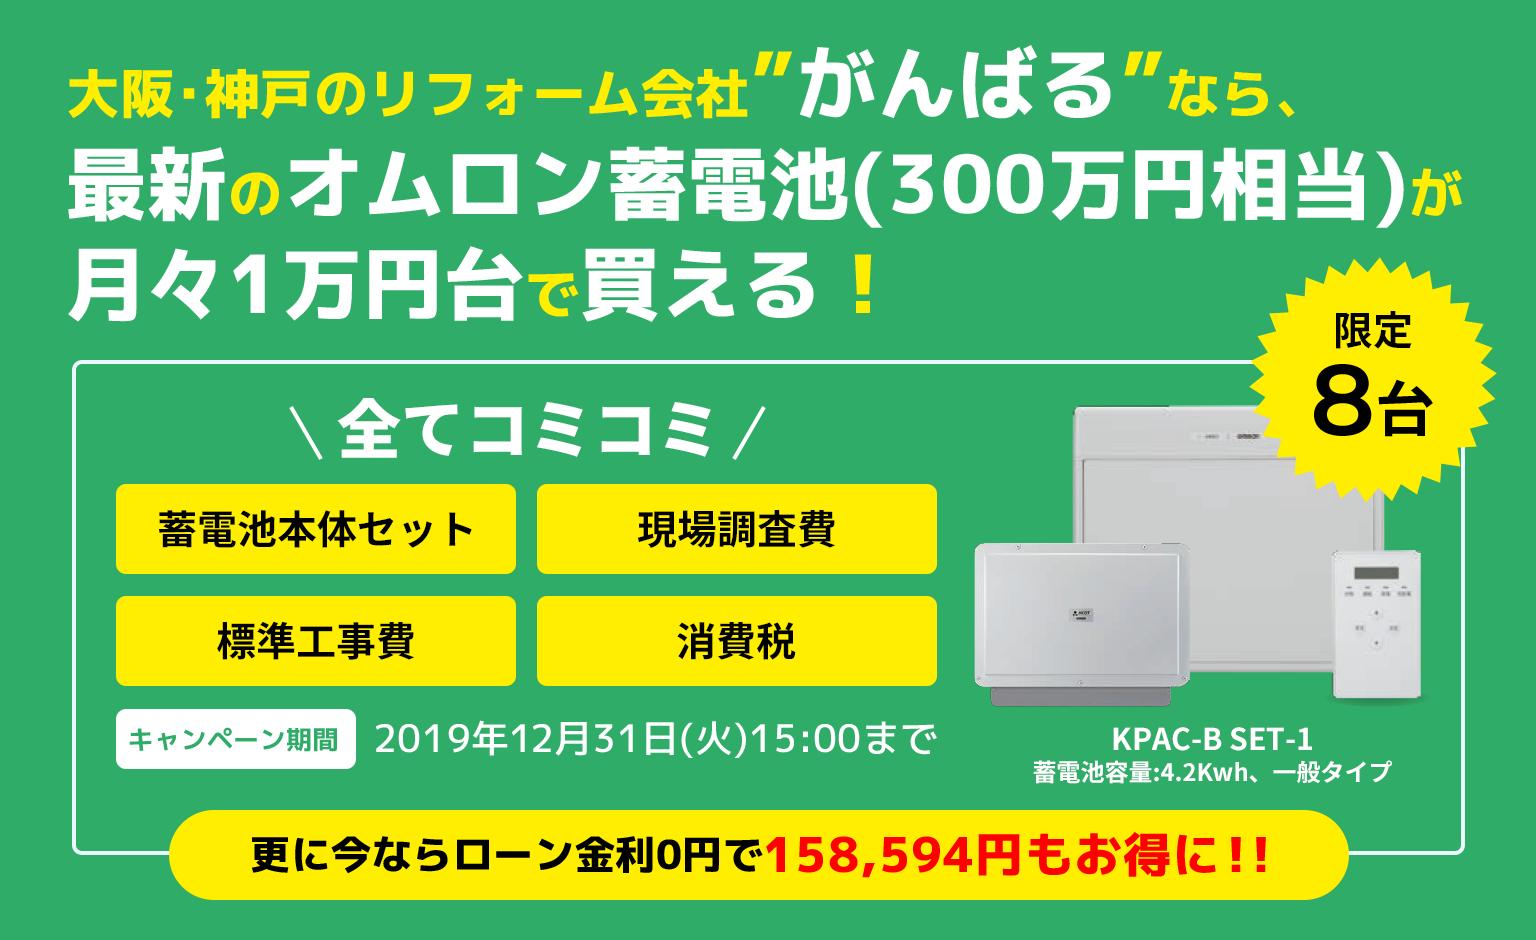 """大阪神戸のリフォーム会社""""がんばる""""なら、 最新のオムロン蓄電池(300万円相当)が 月々1万円台で買える!"""